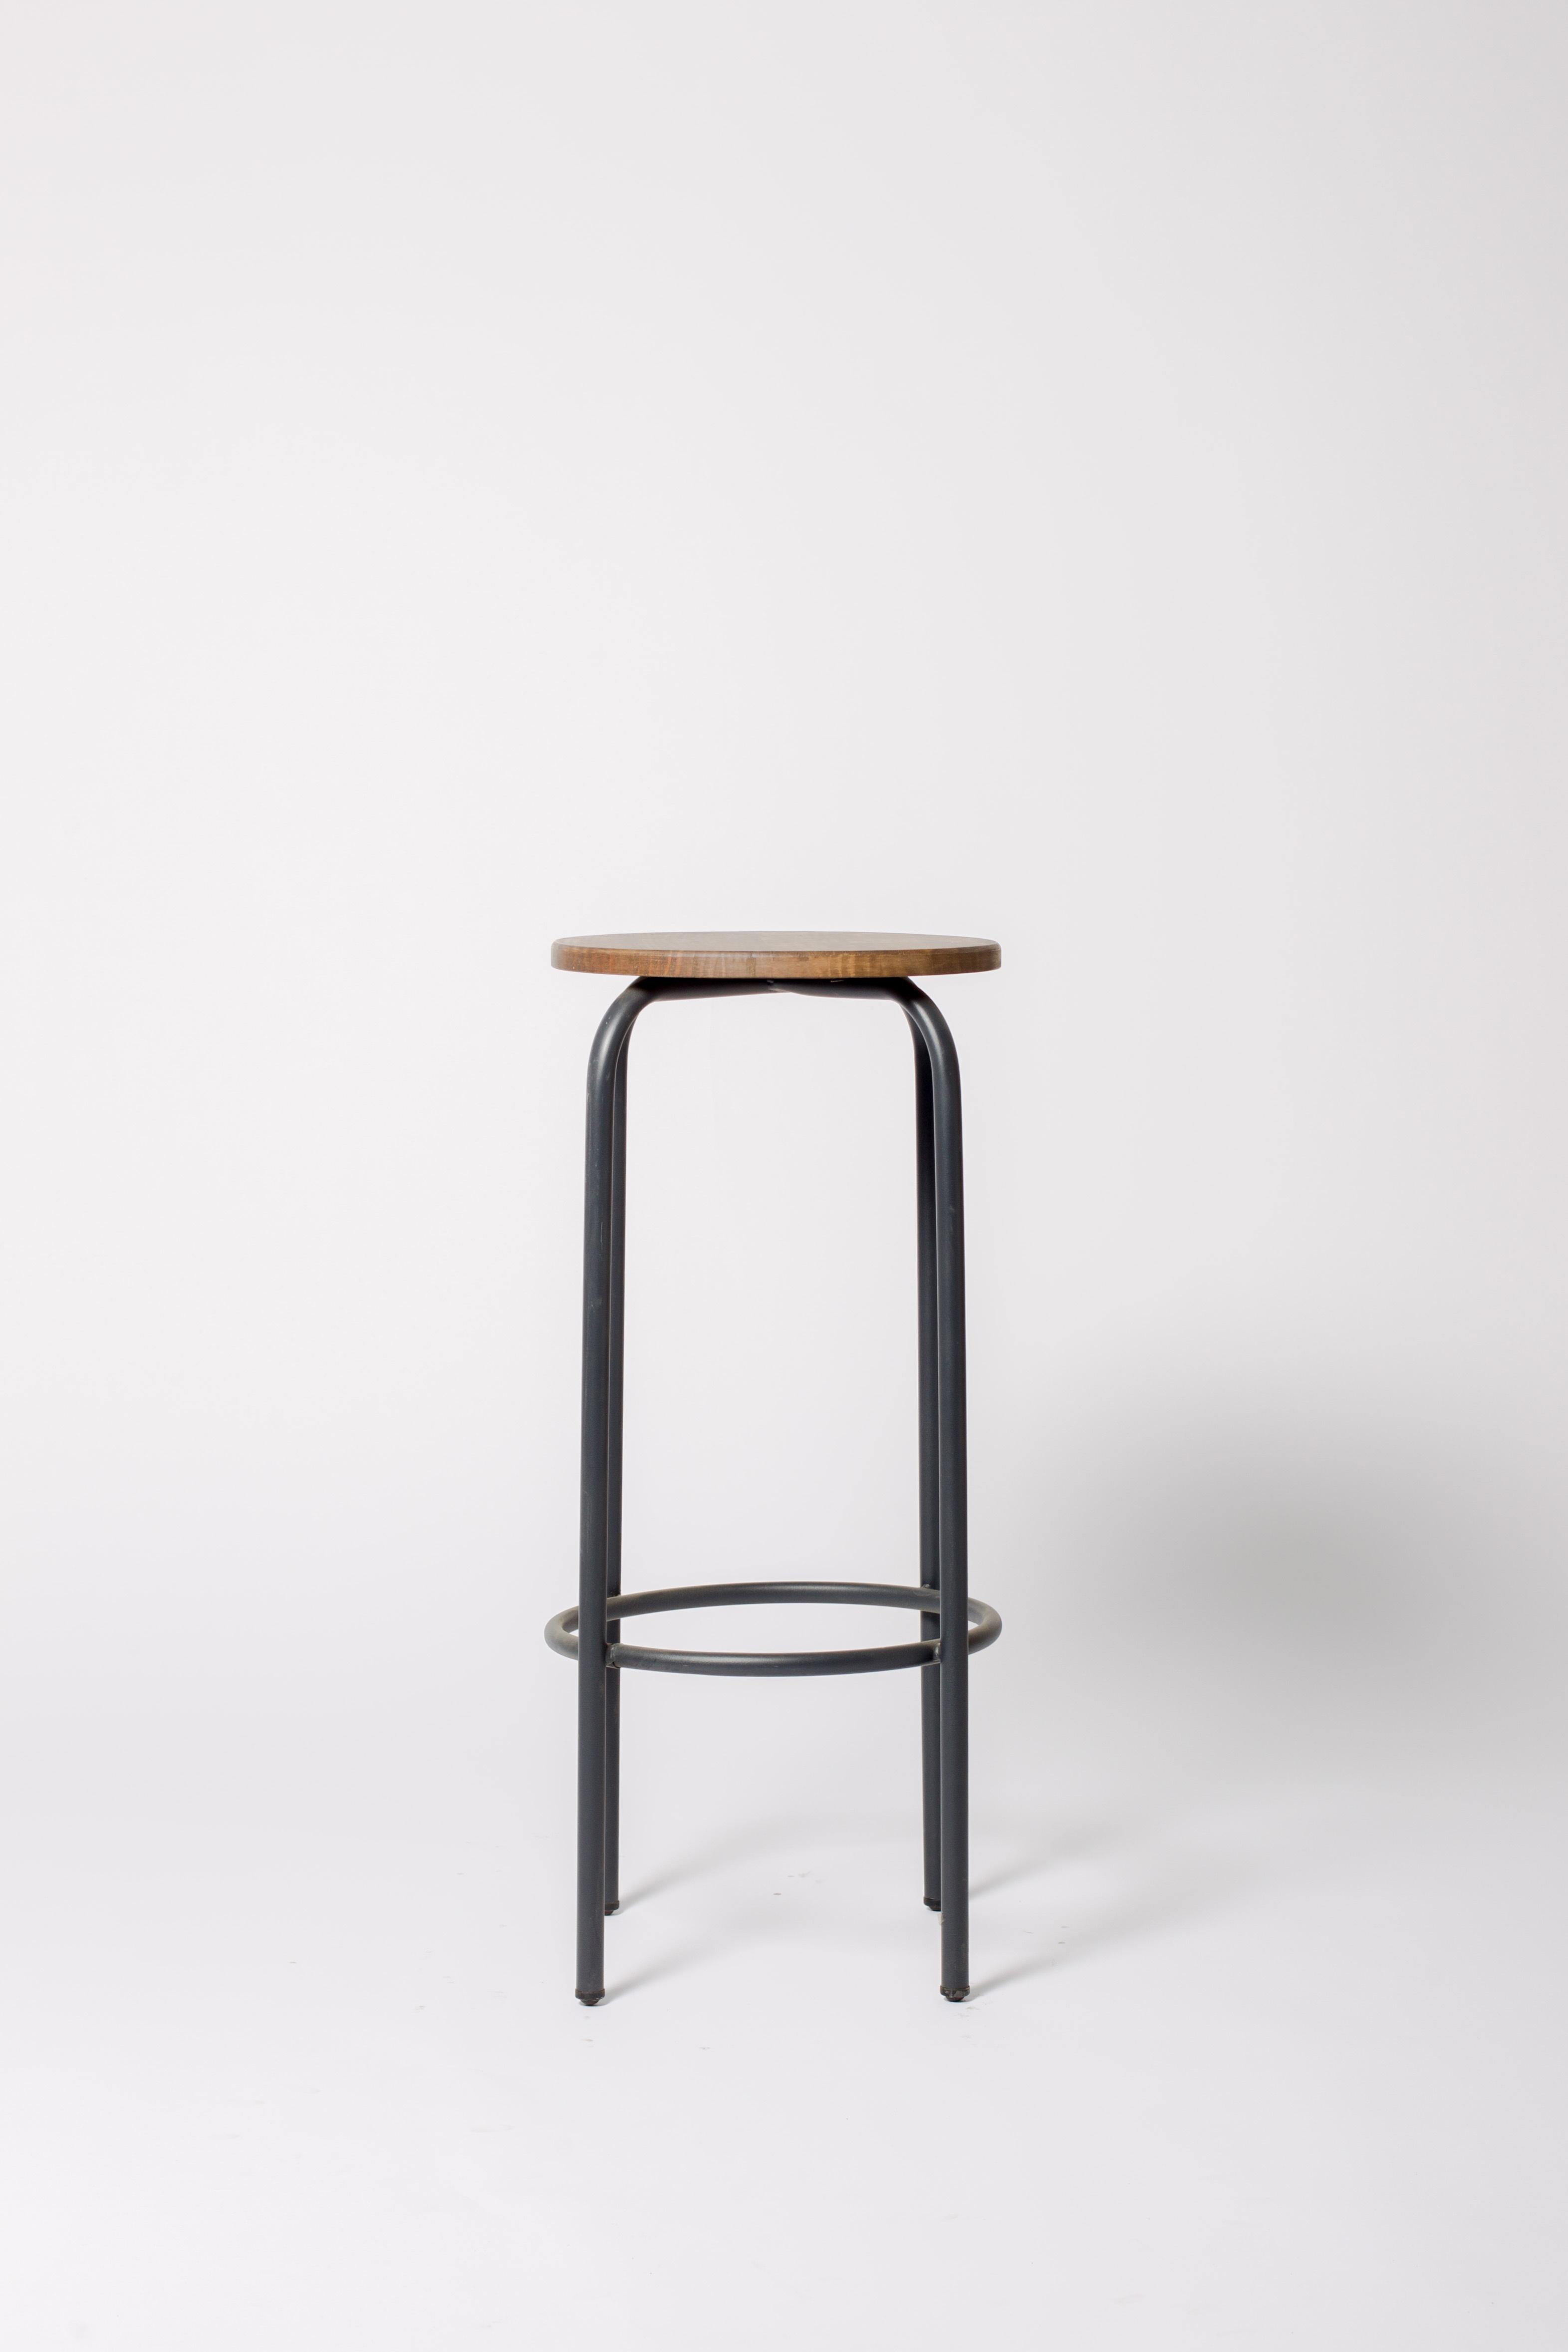 Taburete bar de estilo industrial o vintage en madera y metal